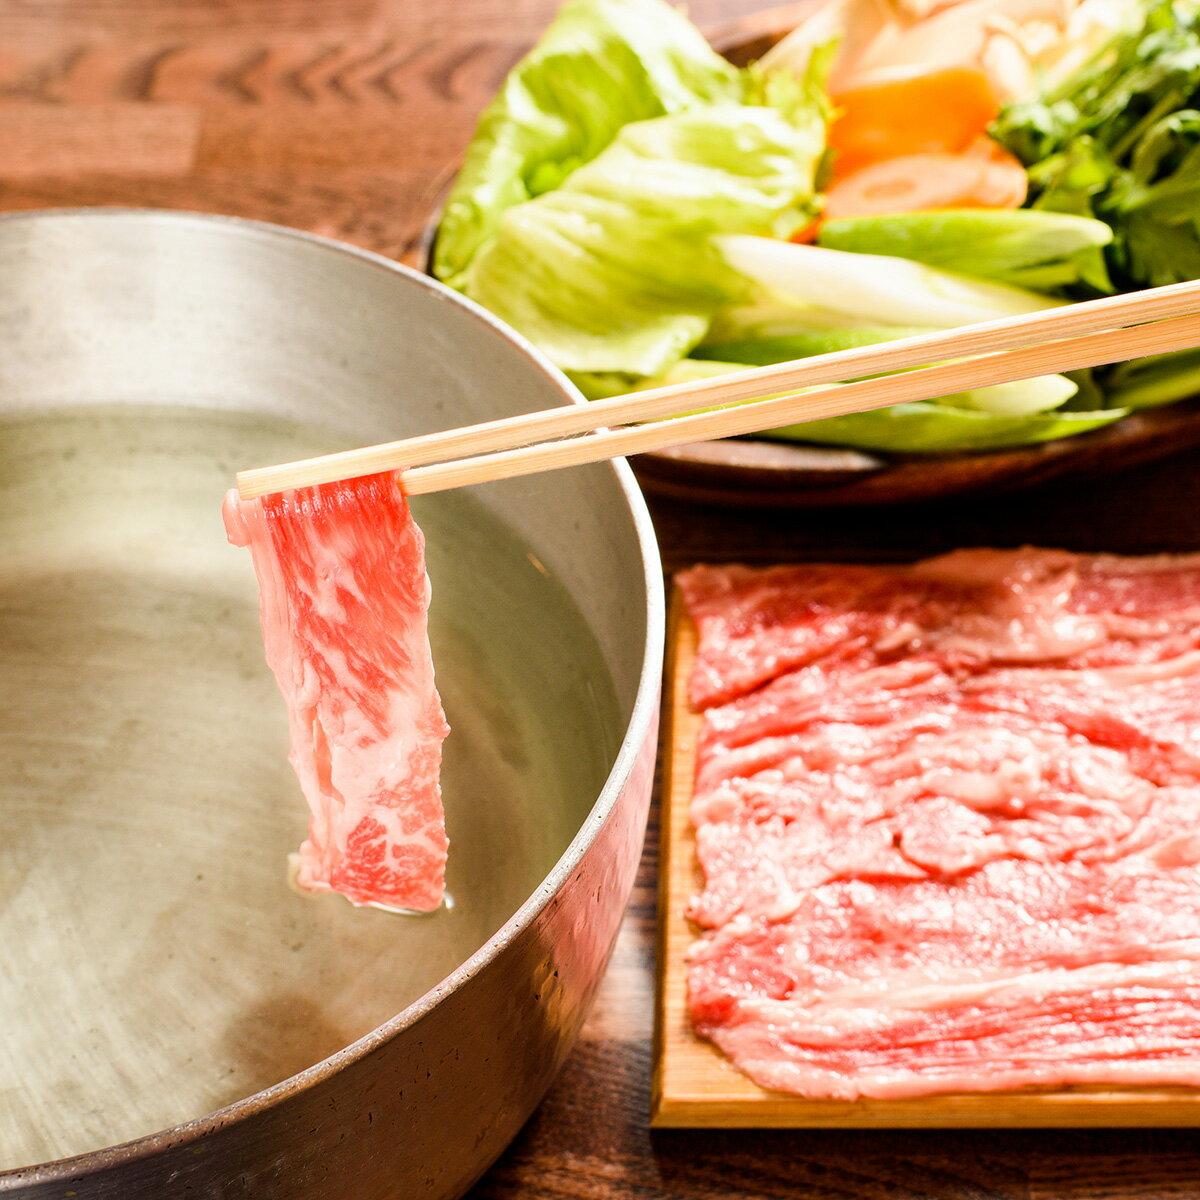 【ふるさと納税】三塚牧場の仙台牛用しゃぶしゃぶ用 300g